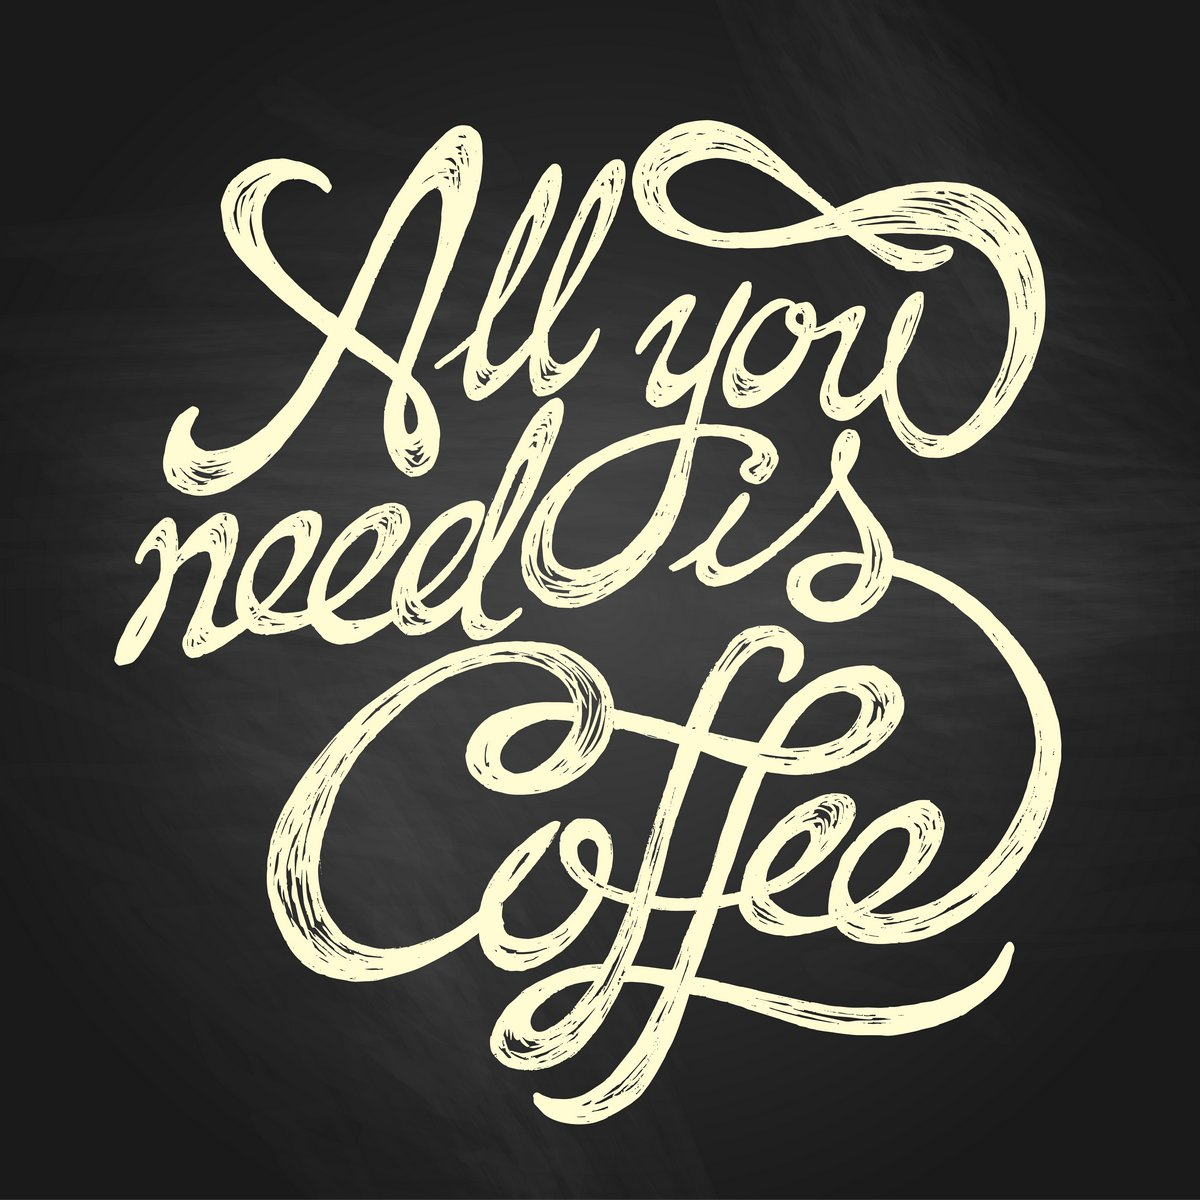 Постер-картина Мотивационный плакат Все, что Вам нужно, это кофе - рисованной Цитата, белые на доске фонеМотивационный плакат<br>Постер на холсте или бумаге. Любого нужного вам размера. В раме или без. Подвес в комплекте. Трехслойная надежная упаковка. Доставим в любую точку России. Вам осталось только повесить картину на стену!<br>